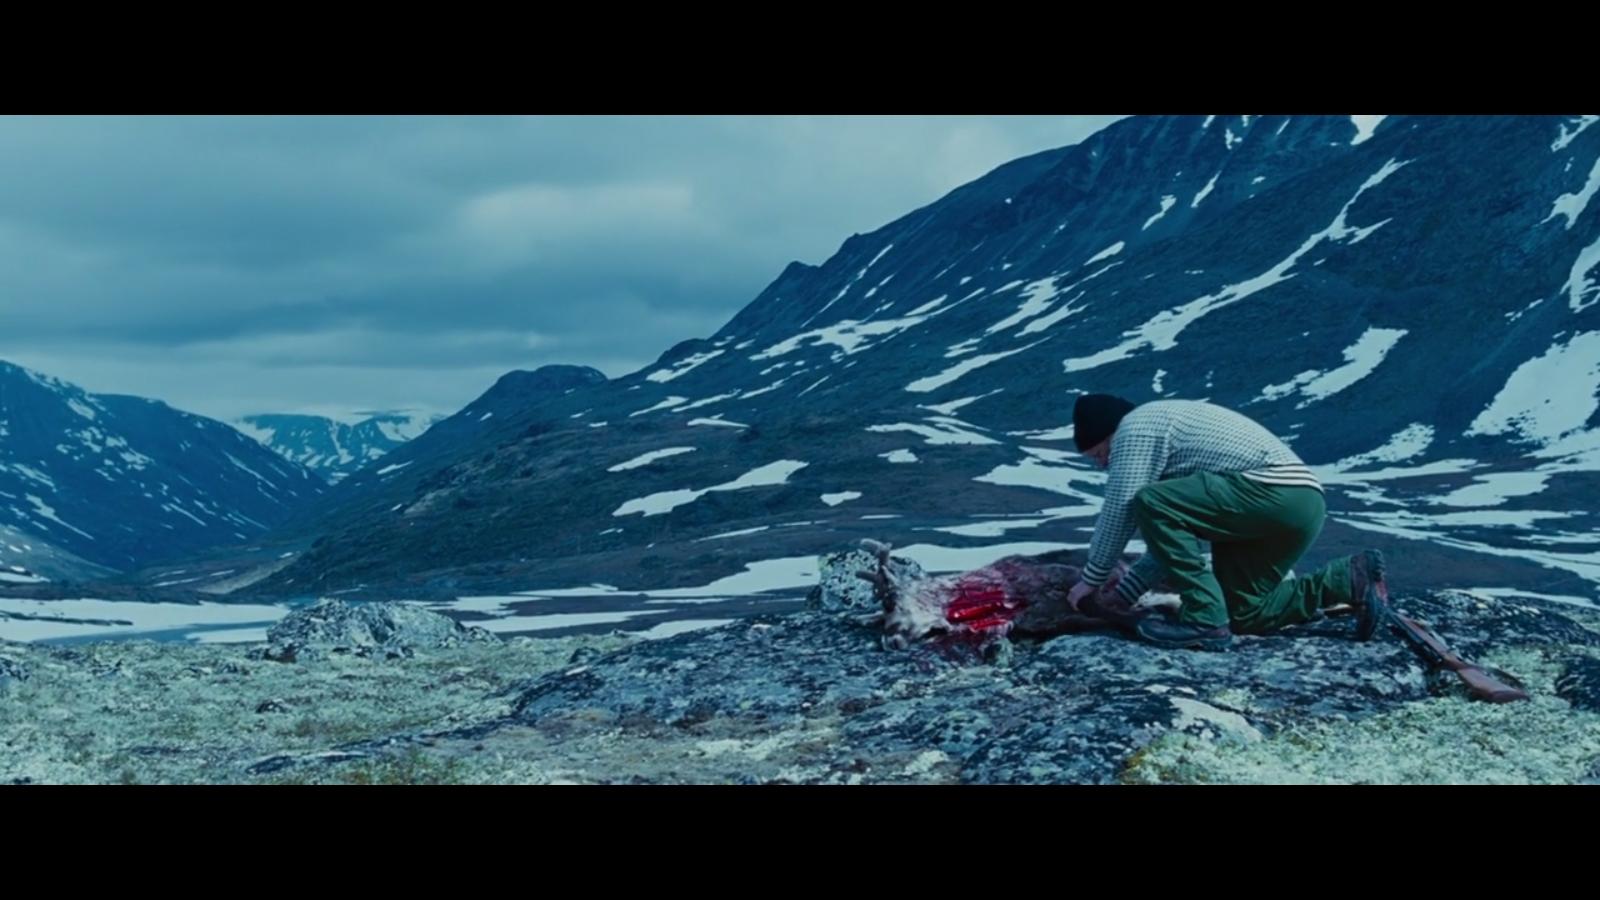 ...og seiler forbi faren som slakter et reinsdyr...